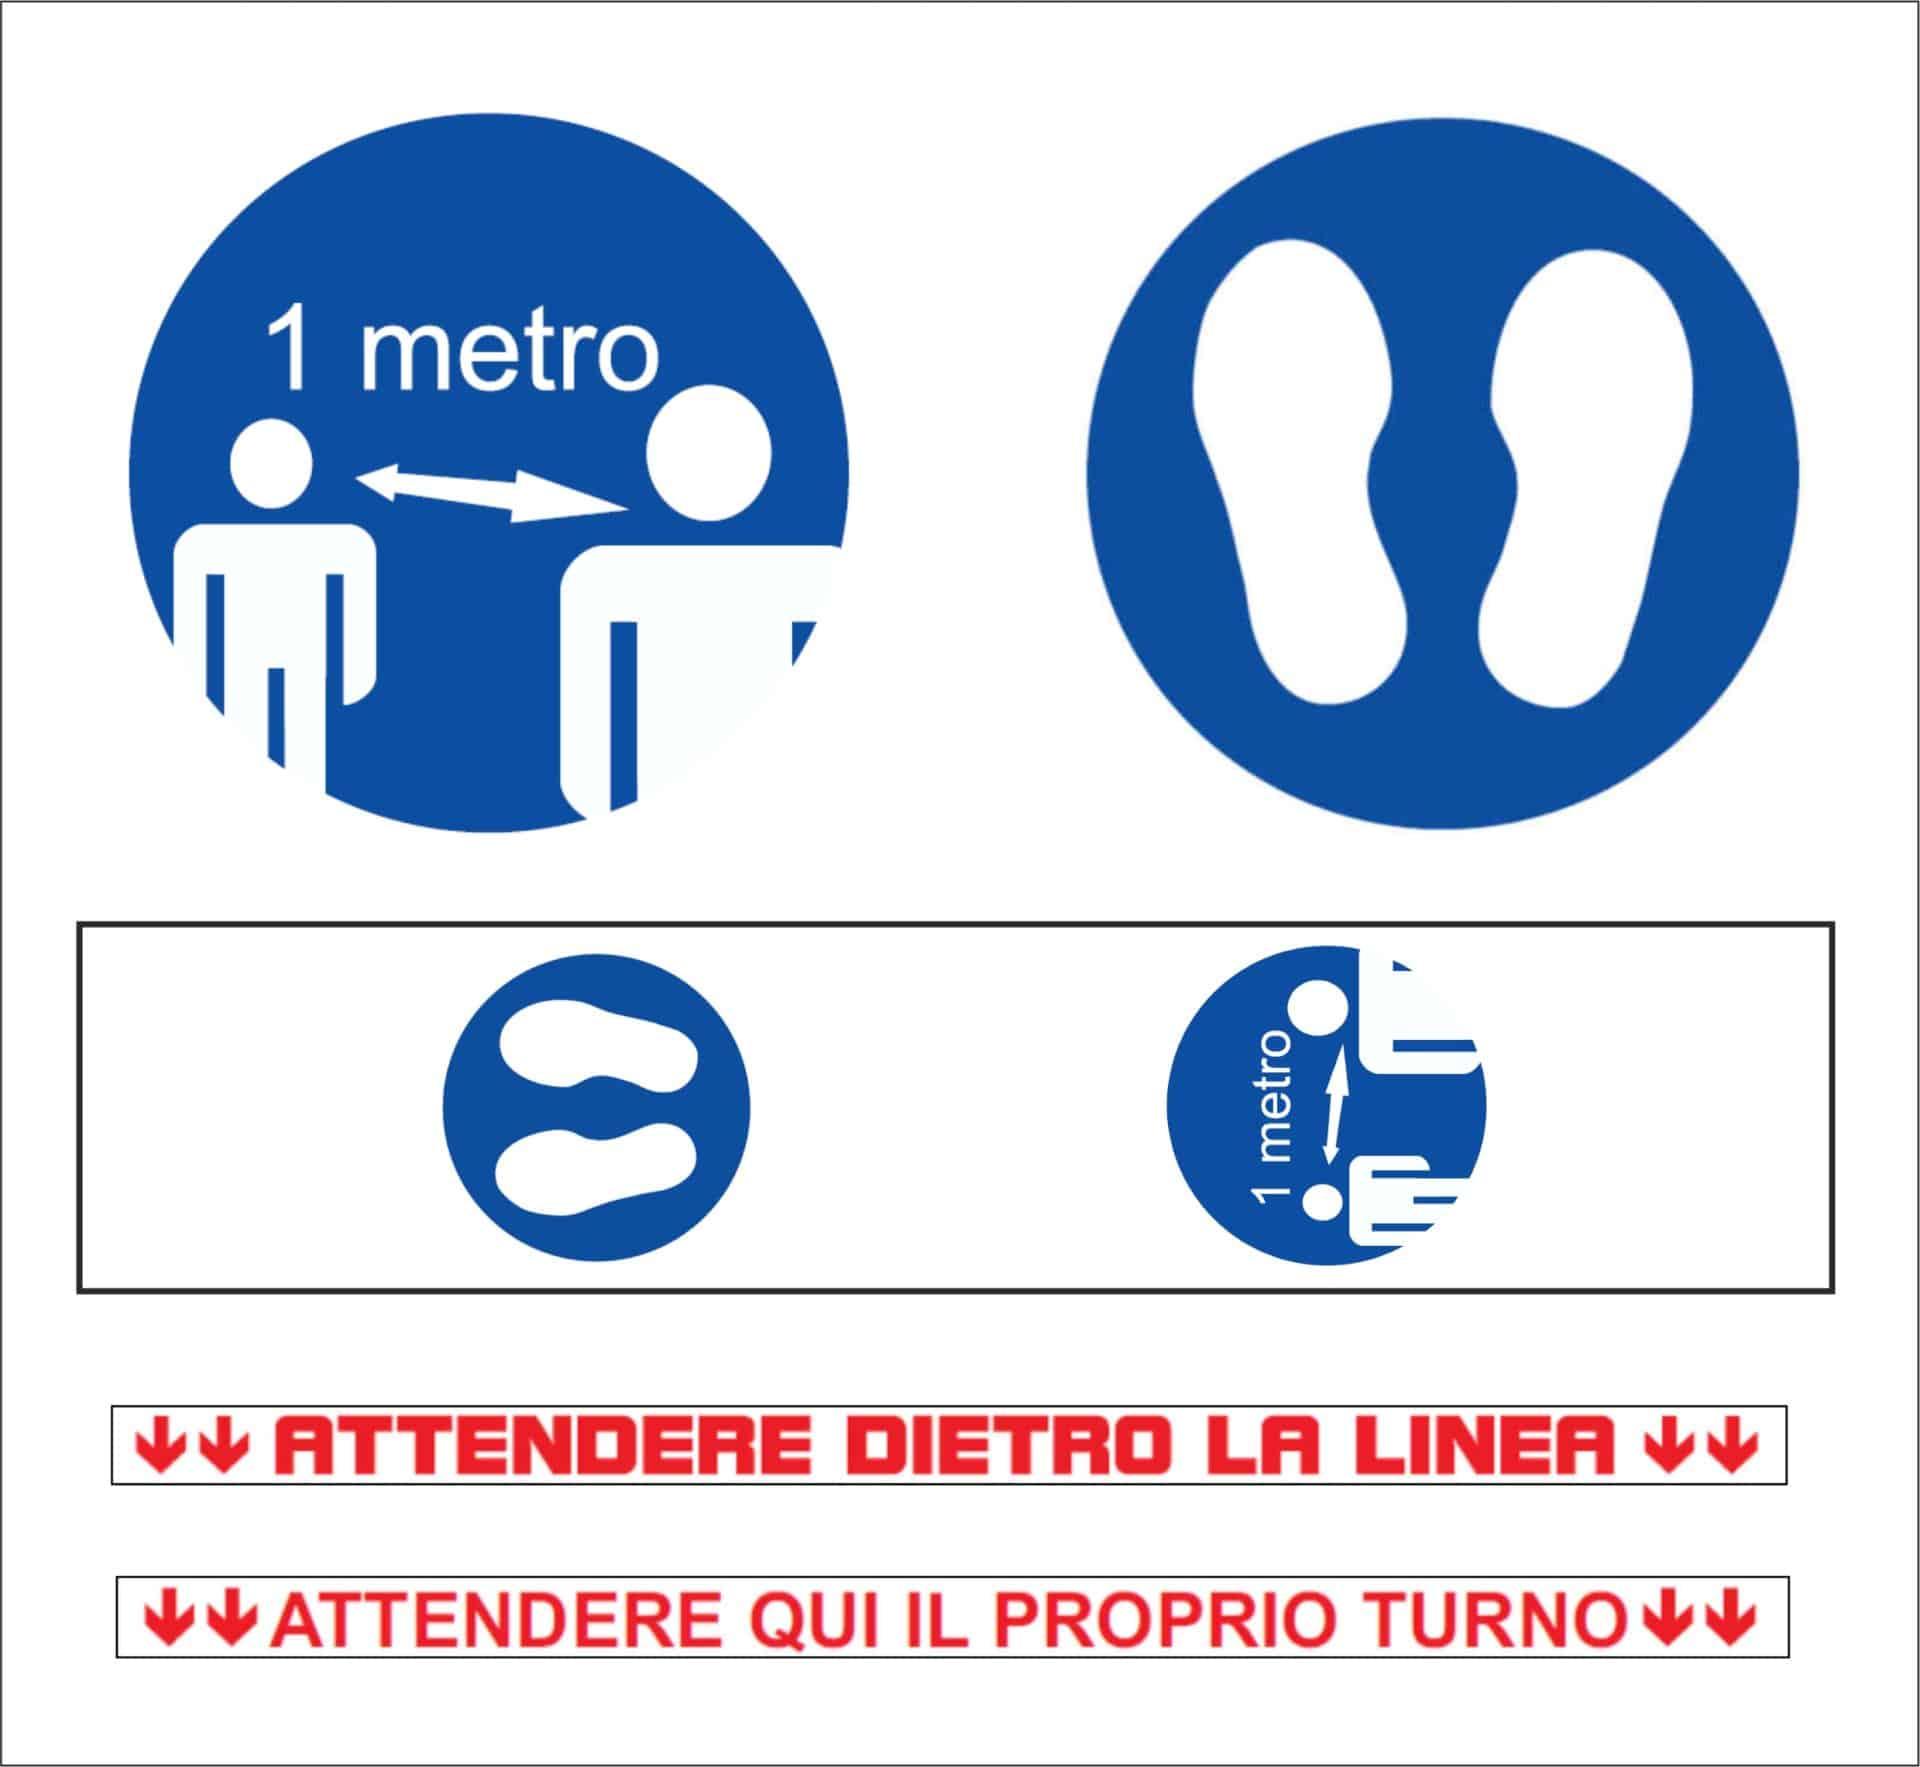 Covid-19 dispositivi di protezione | Elettrogruppo ZeroUno | Torino | attendere dietro la linea